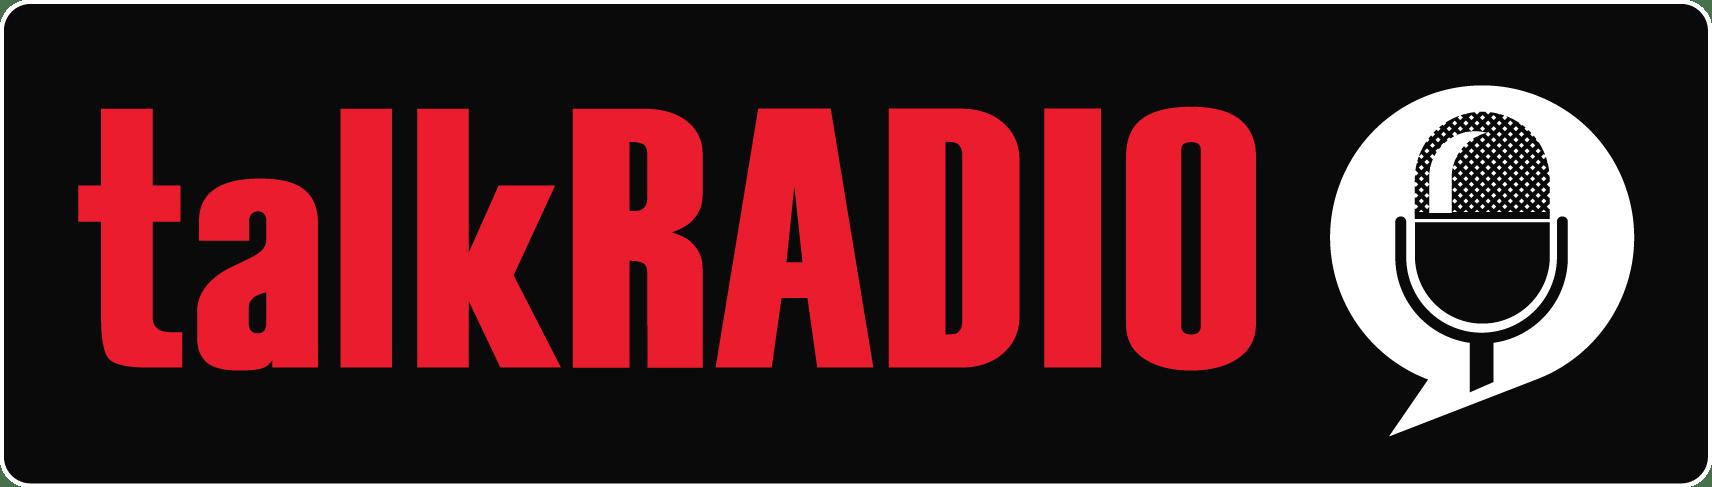 talkRADIO-long.png